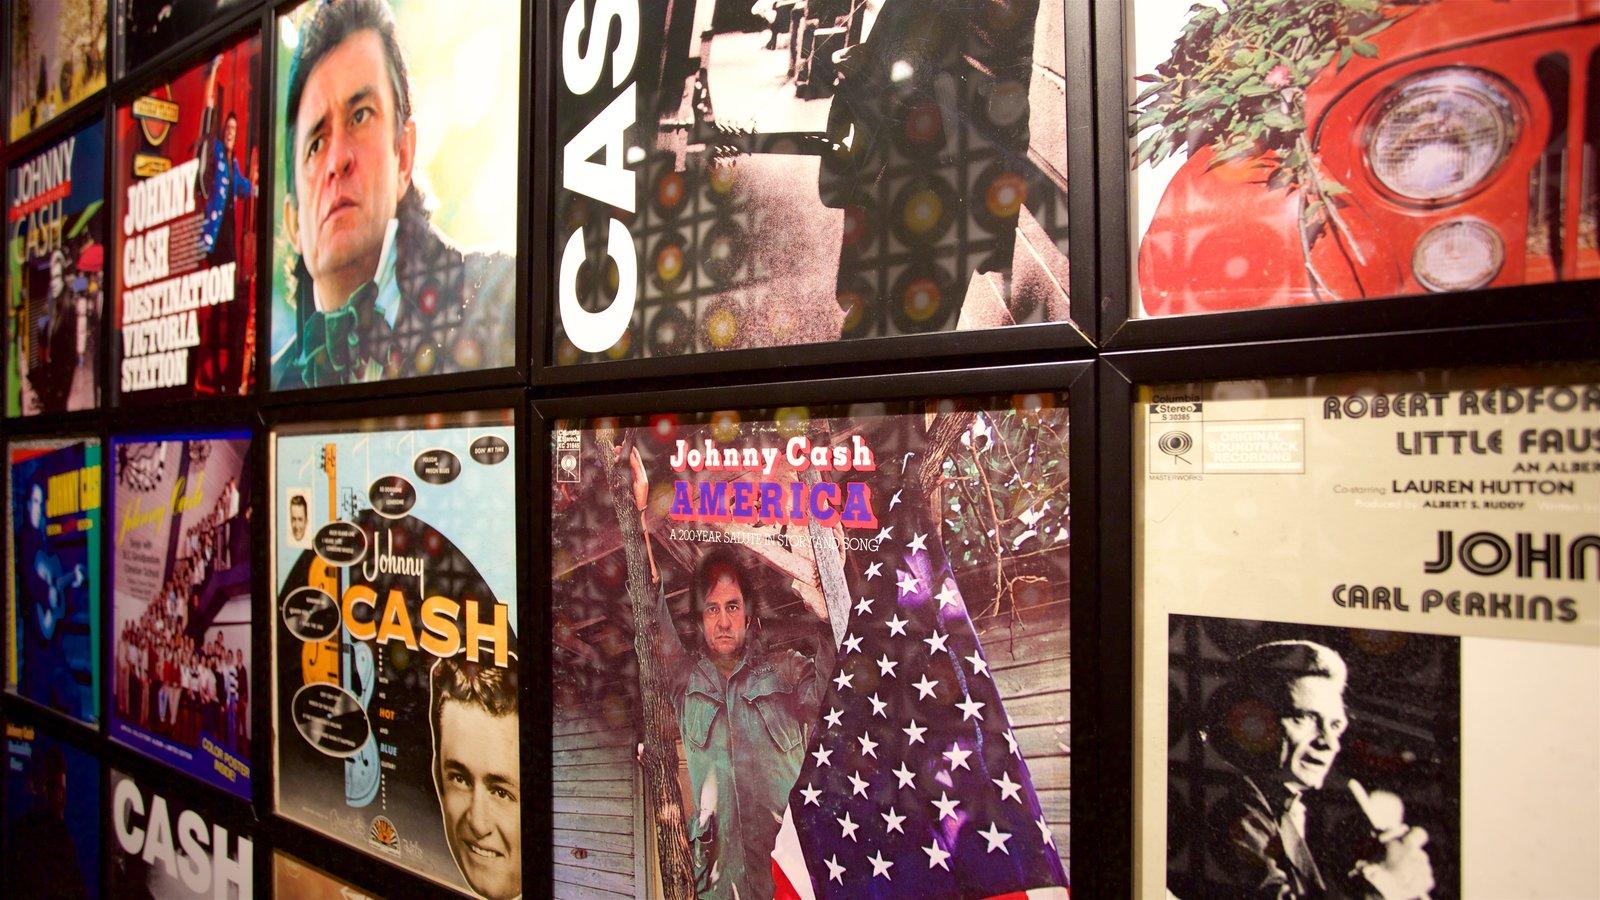 Museo Johnny Cash ofreciendo vistas interiores y música